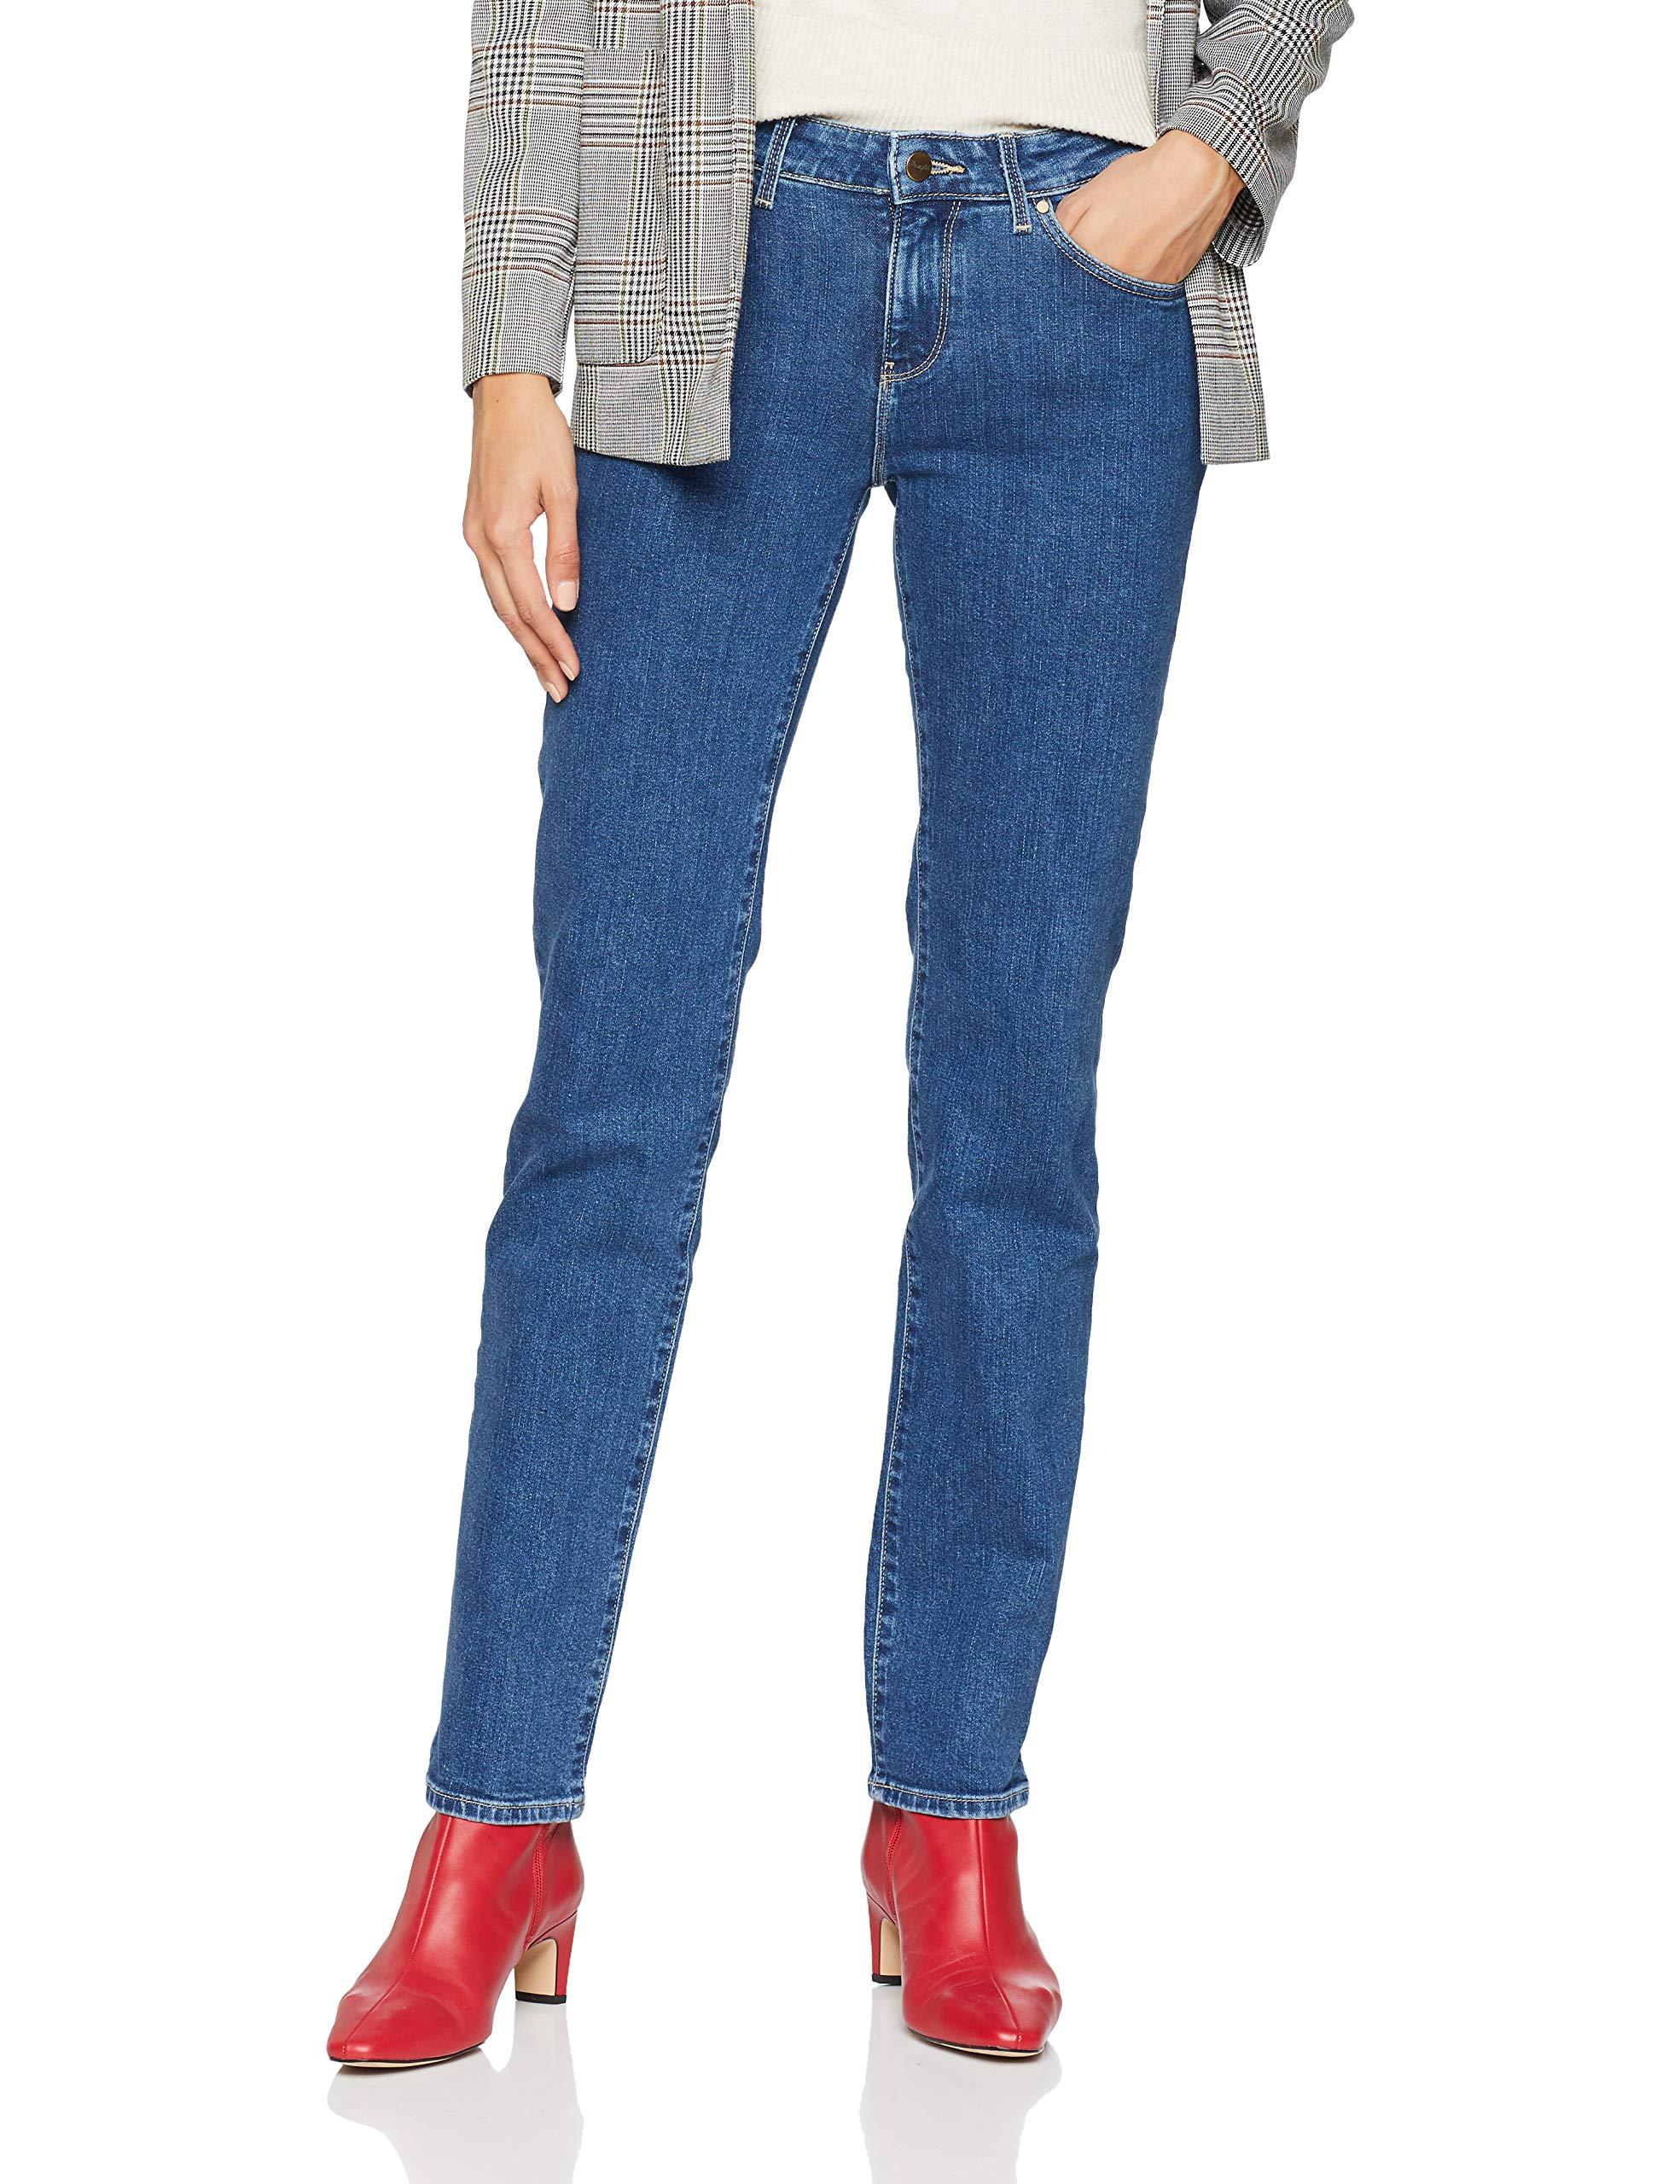 Rocks Straight' JeansBleumid 32e33w30l Femme Wrangler OuwTZiPkX